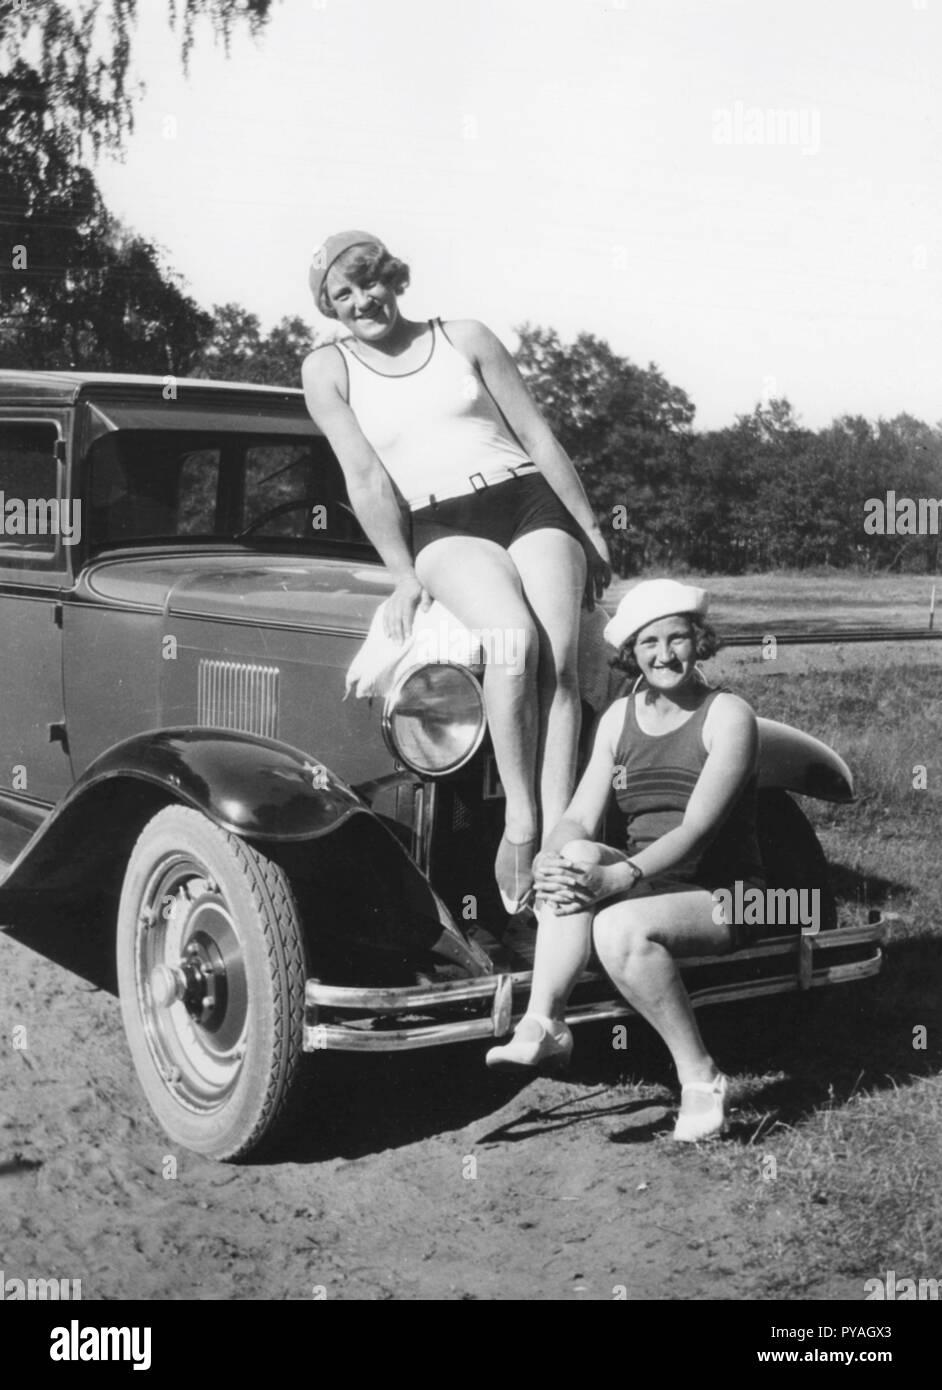 Spaß in den 1930er Jahren. Zwei junge Frauen in Badeanzügen sitzen auf der Motorhaube und vor einem Auto. Schweden 1932 Stockbild